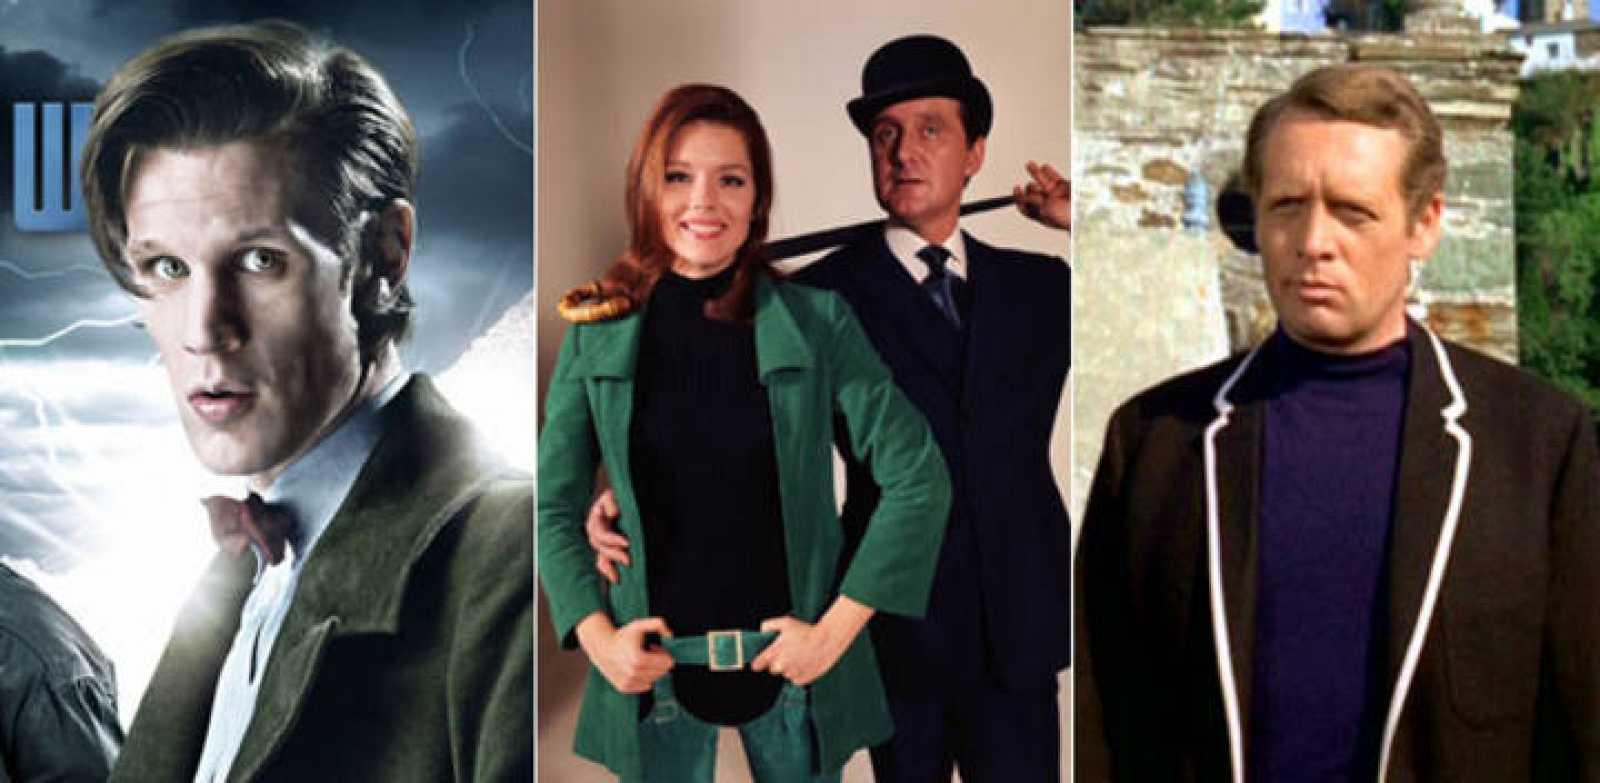 Tres series míticas de los 60: 'Doctor Who', 'Los Vengadores' y 'El prisionero'